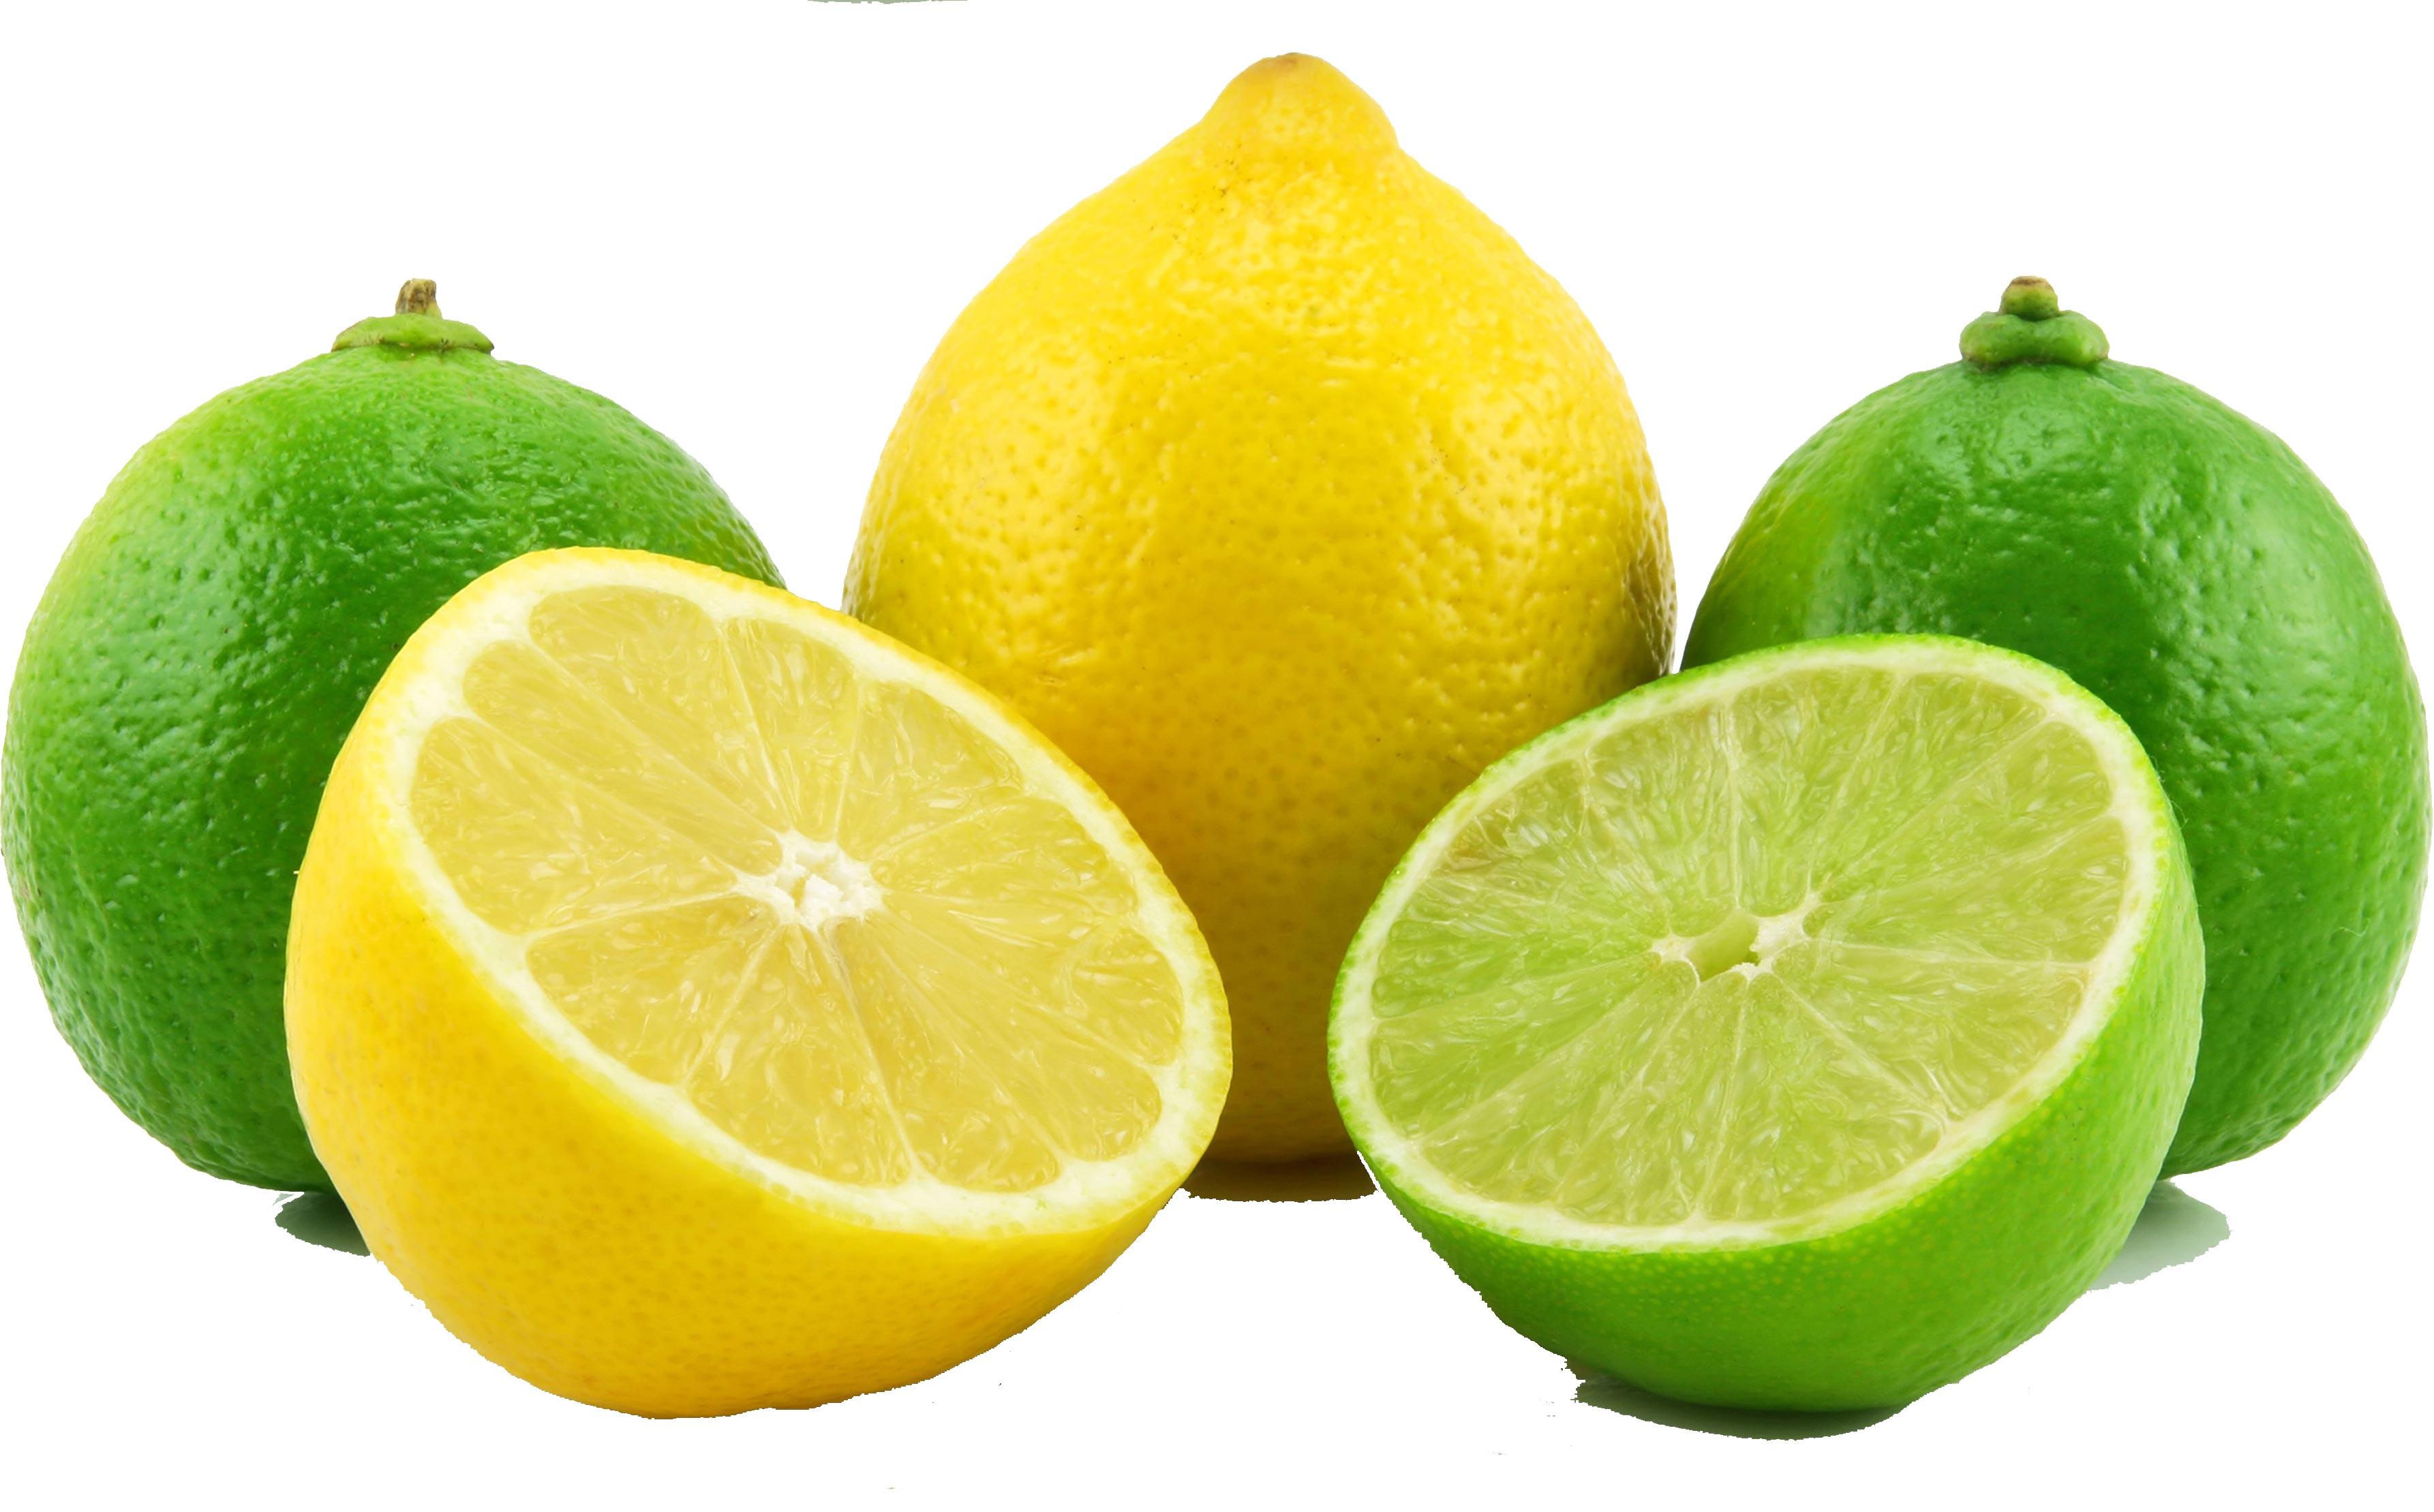 10 astuces pour entretenir sa maison avec du citron e zapping. Black Bedroom Furniture Sets. Home Design Ideas